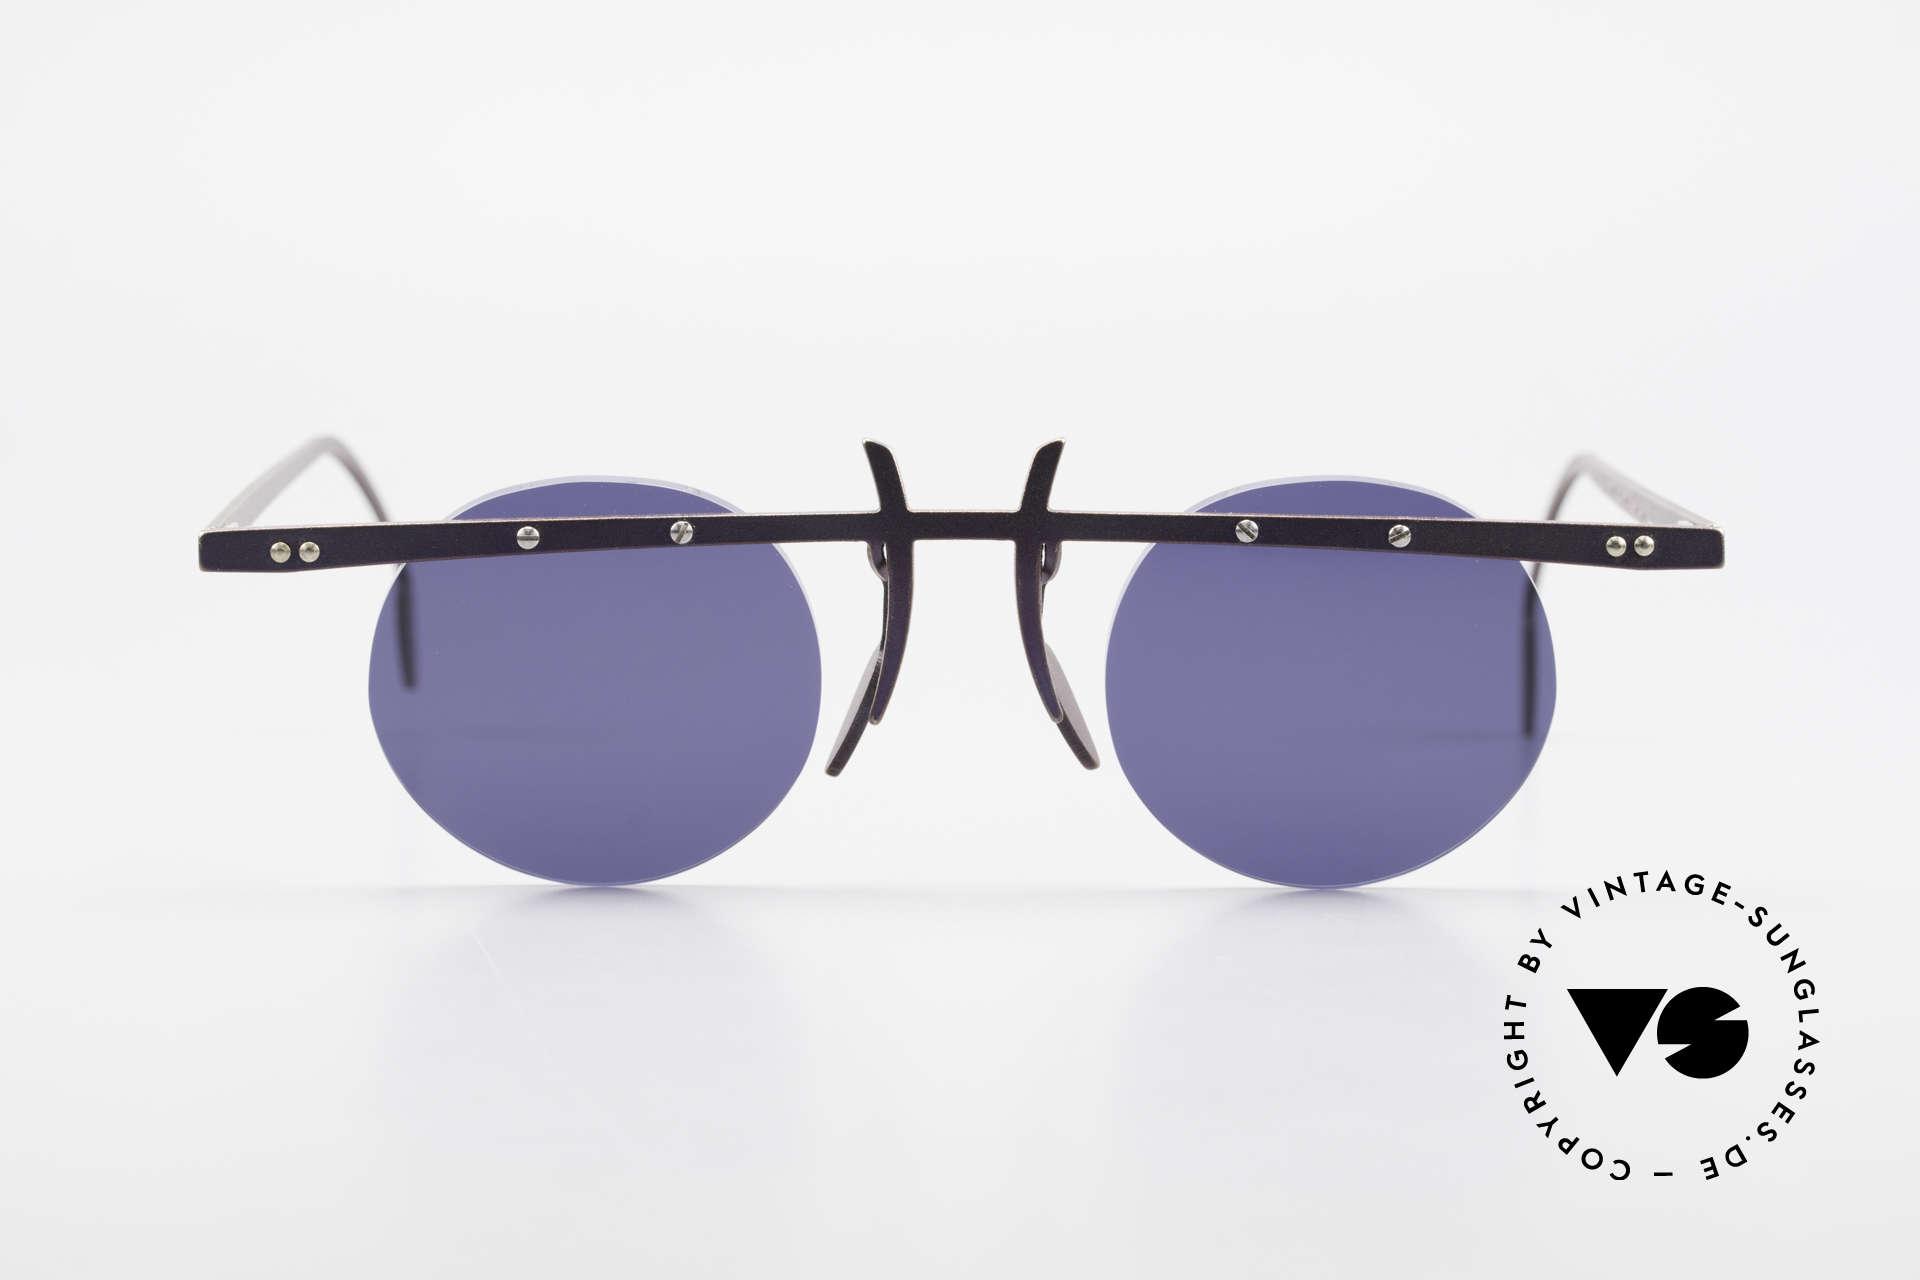 Theo Belgium Tita VI 4 Crazy Sonnenbrille 90er Titan, in 1989 gegründet als 'ANTI MAINSTREAM' Brillenmode, Passend für Herren und Damen